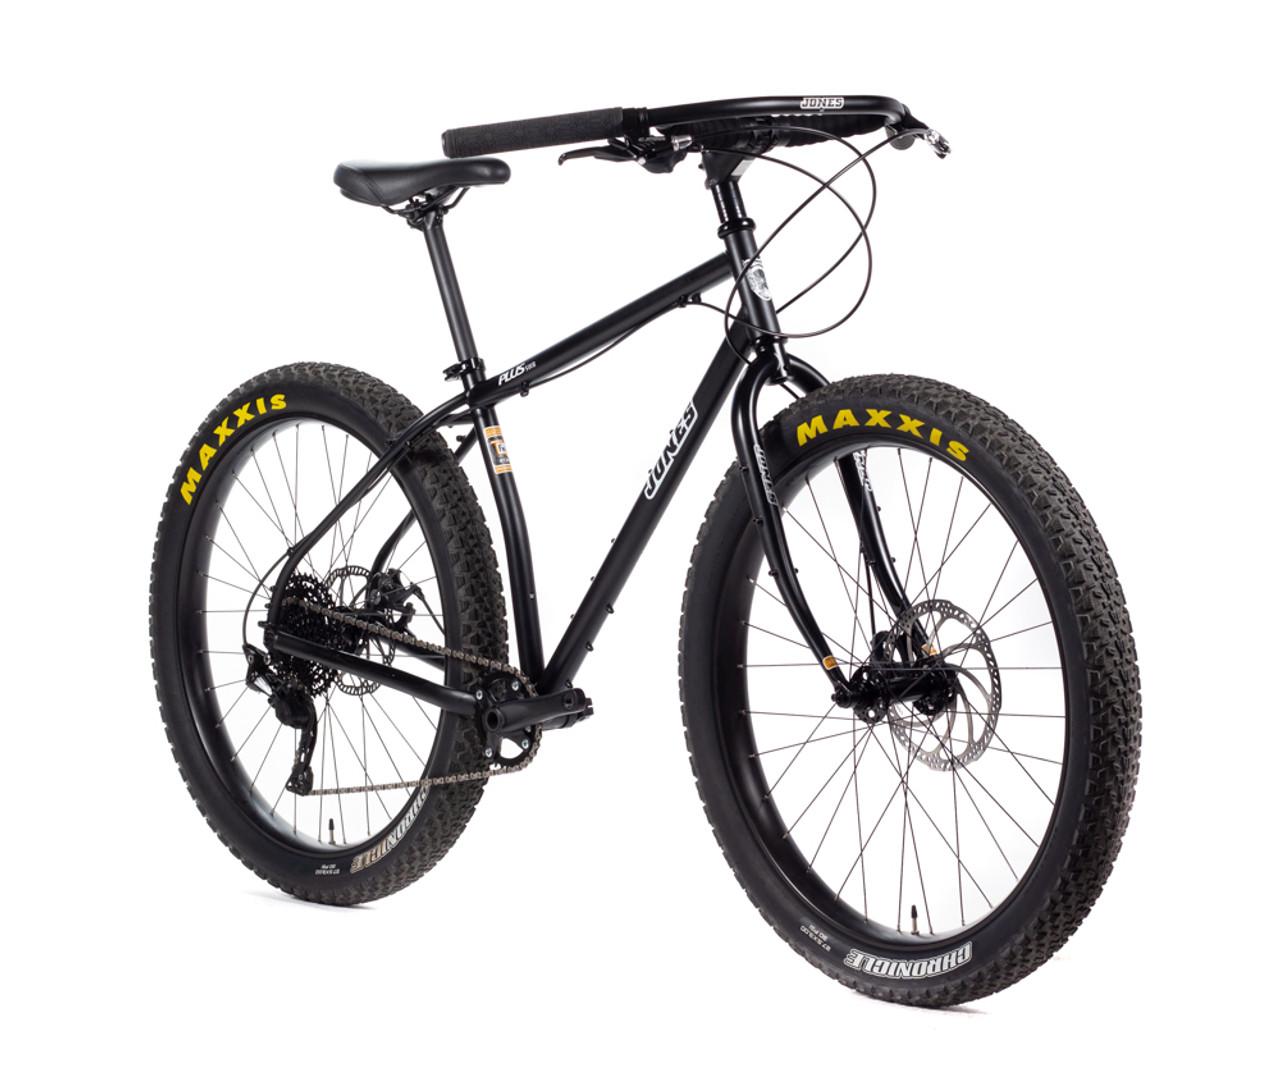 Jones Plus SWB Complete Bicycle